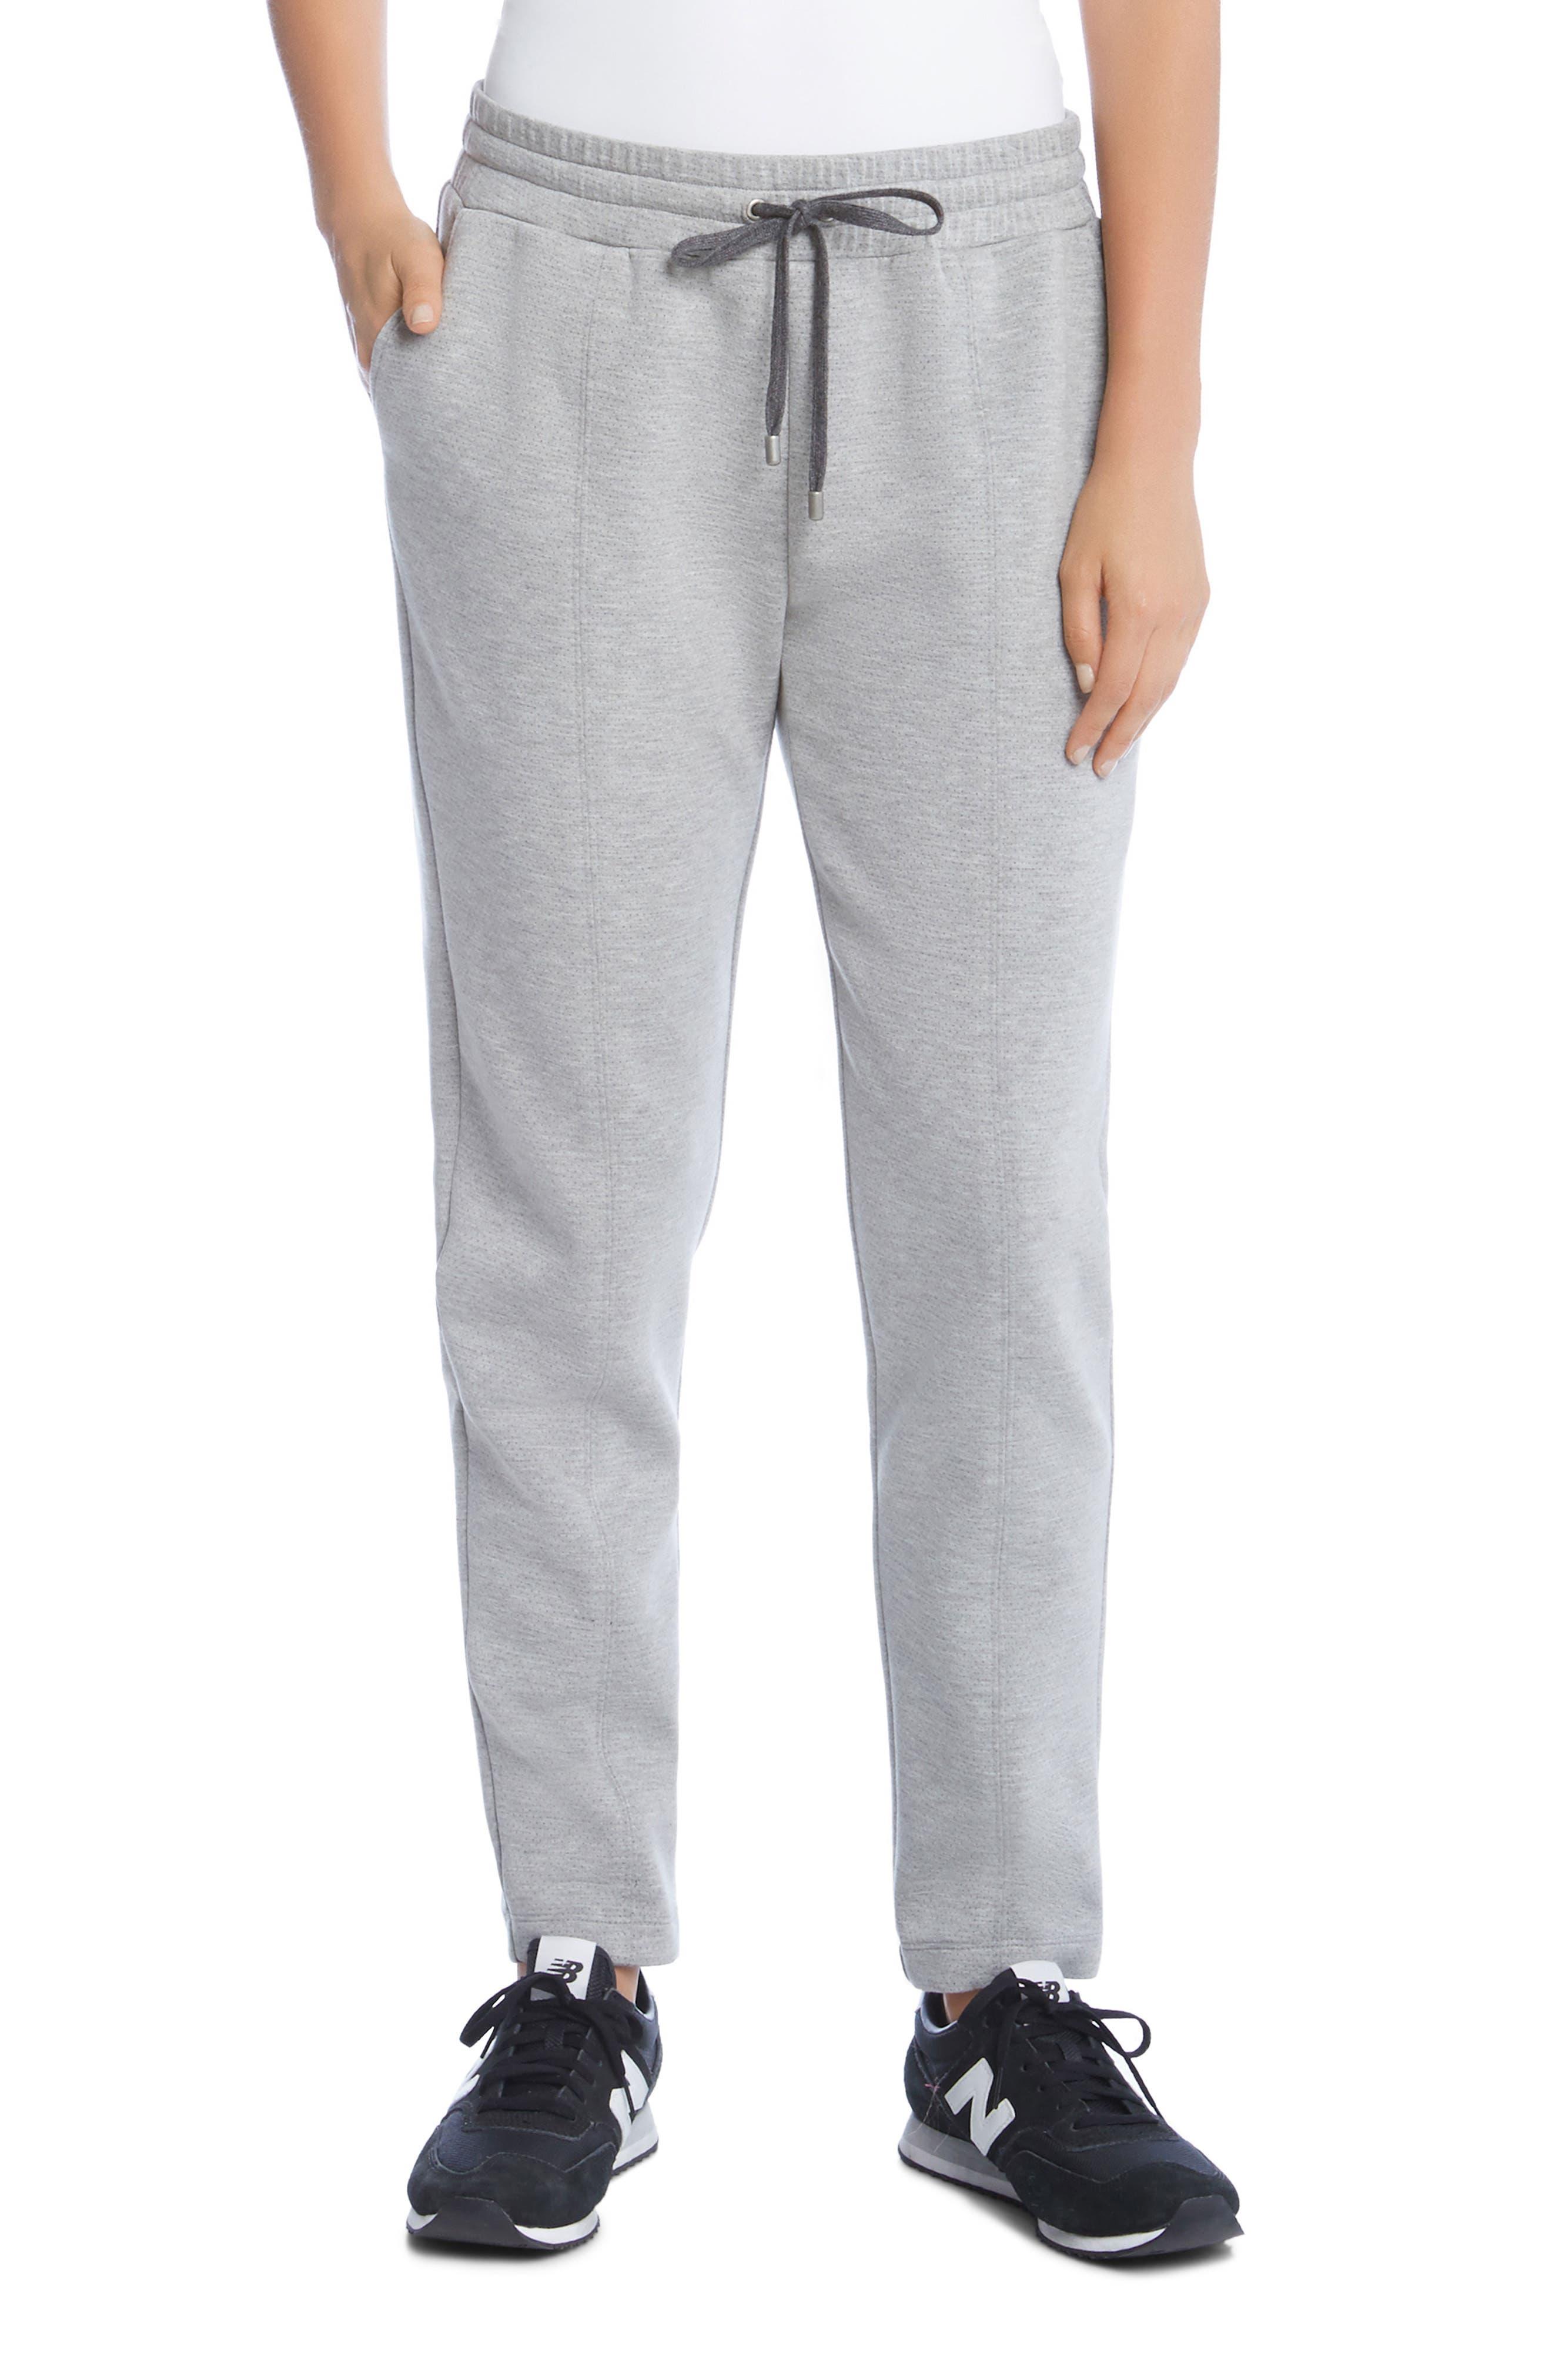 Alternate Image 1 Selected - Karen Kane Lounge Sweatpants